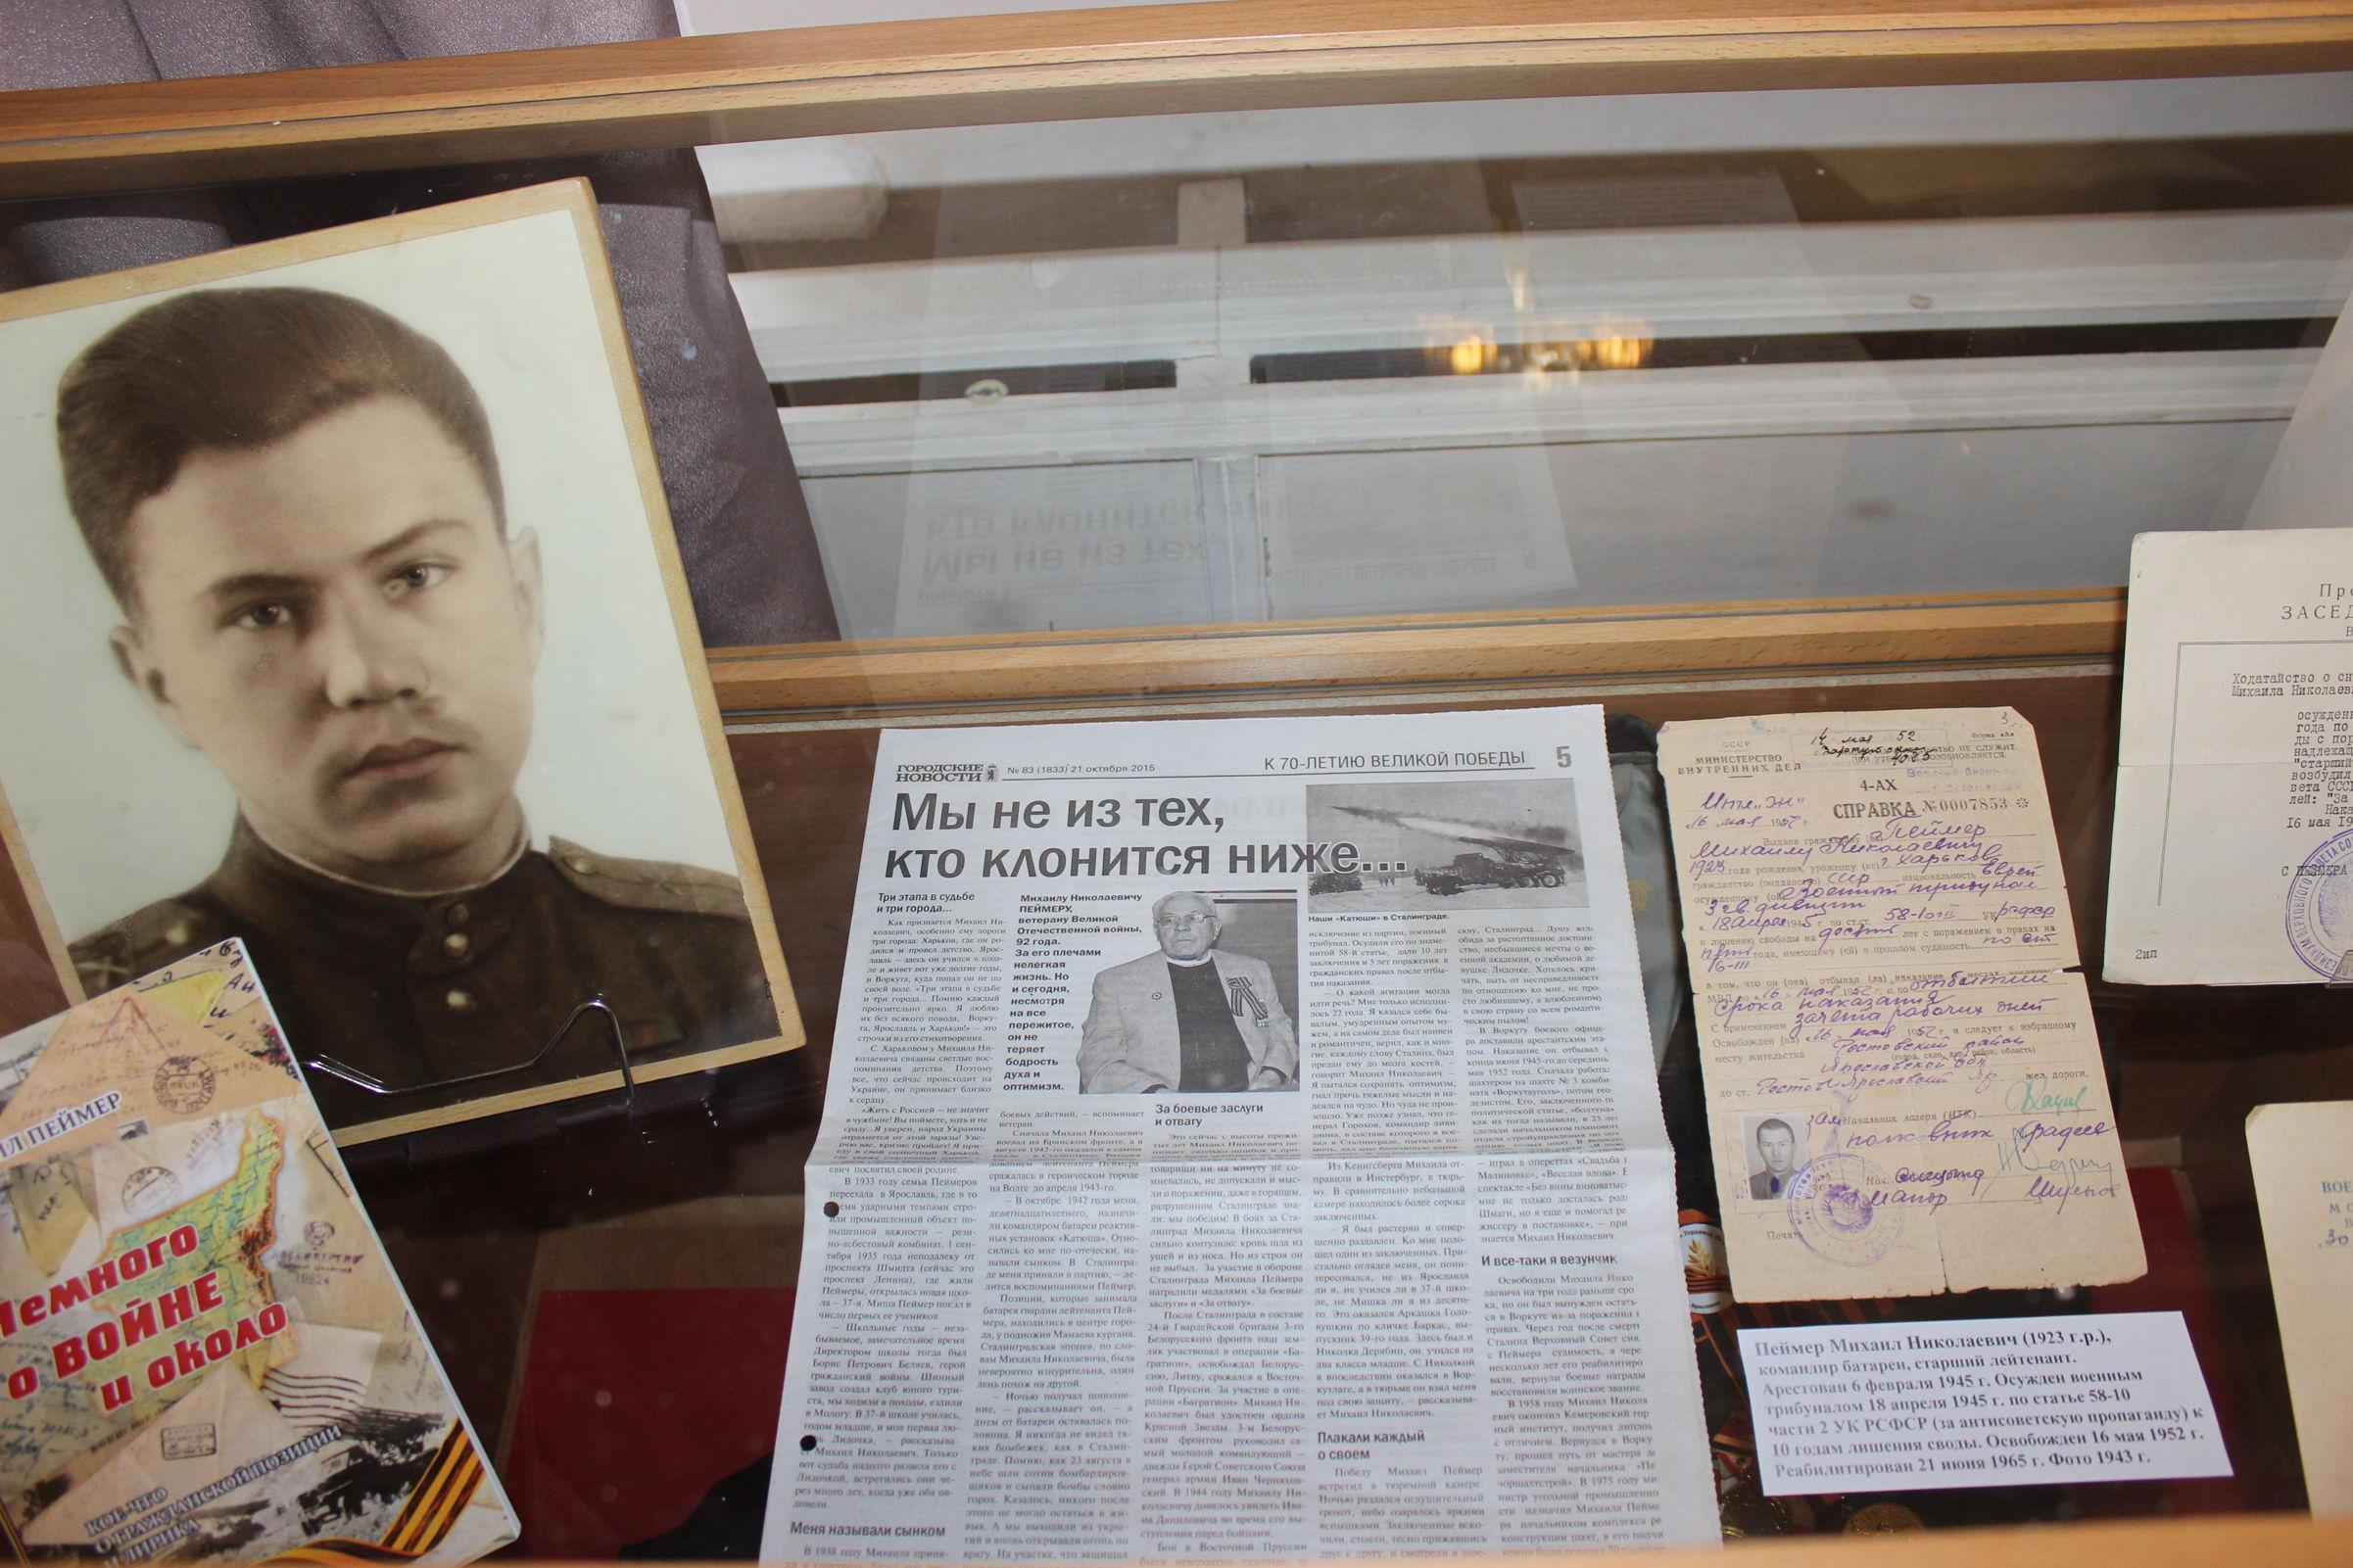 Книга ветерана Михаила Пеймера «Судьба простого человека». Часть 4: Наш Сталинград